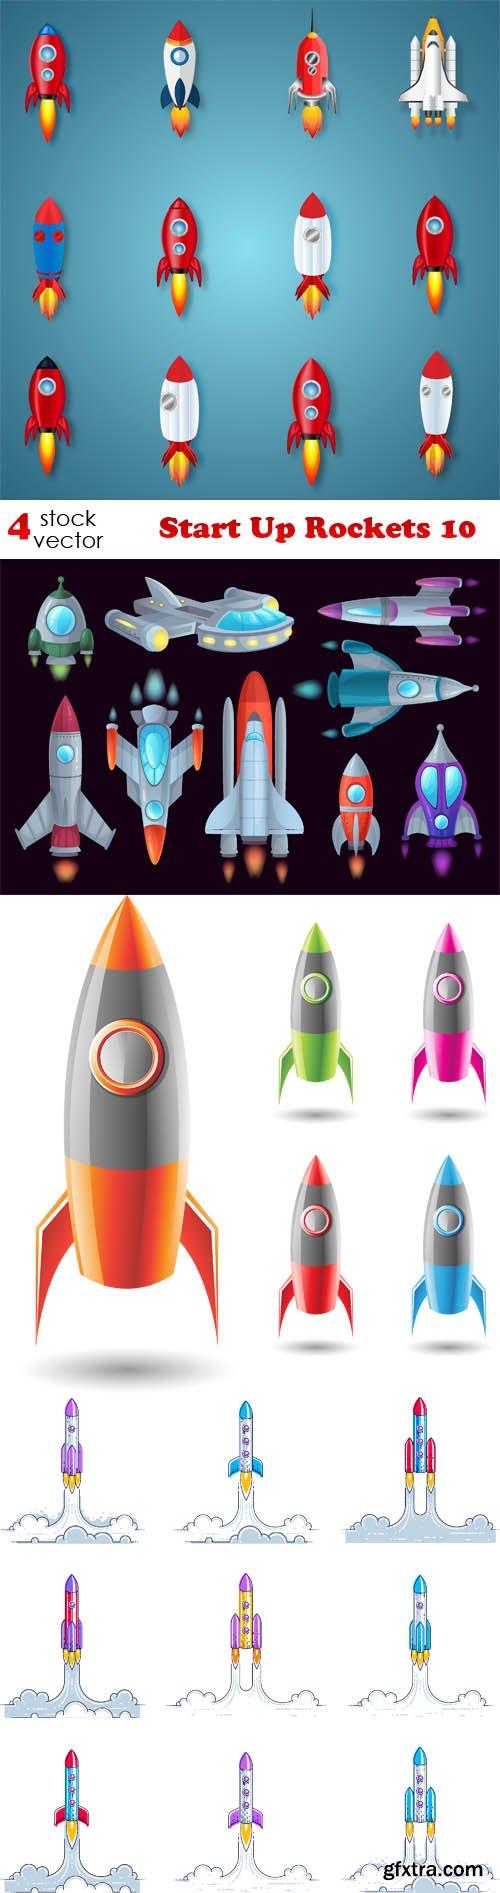 Vectors - Start Up Rockets 10